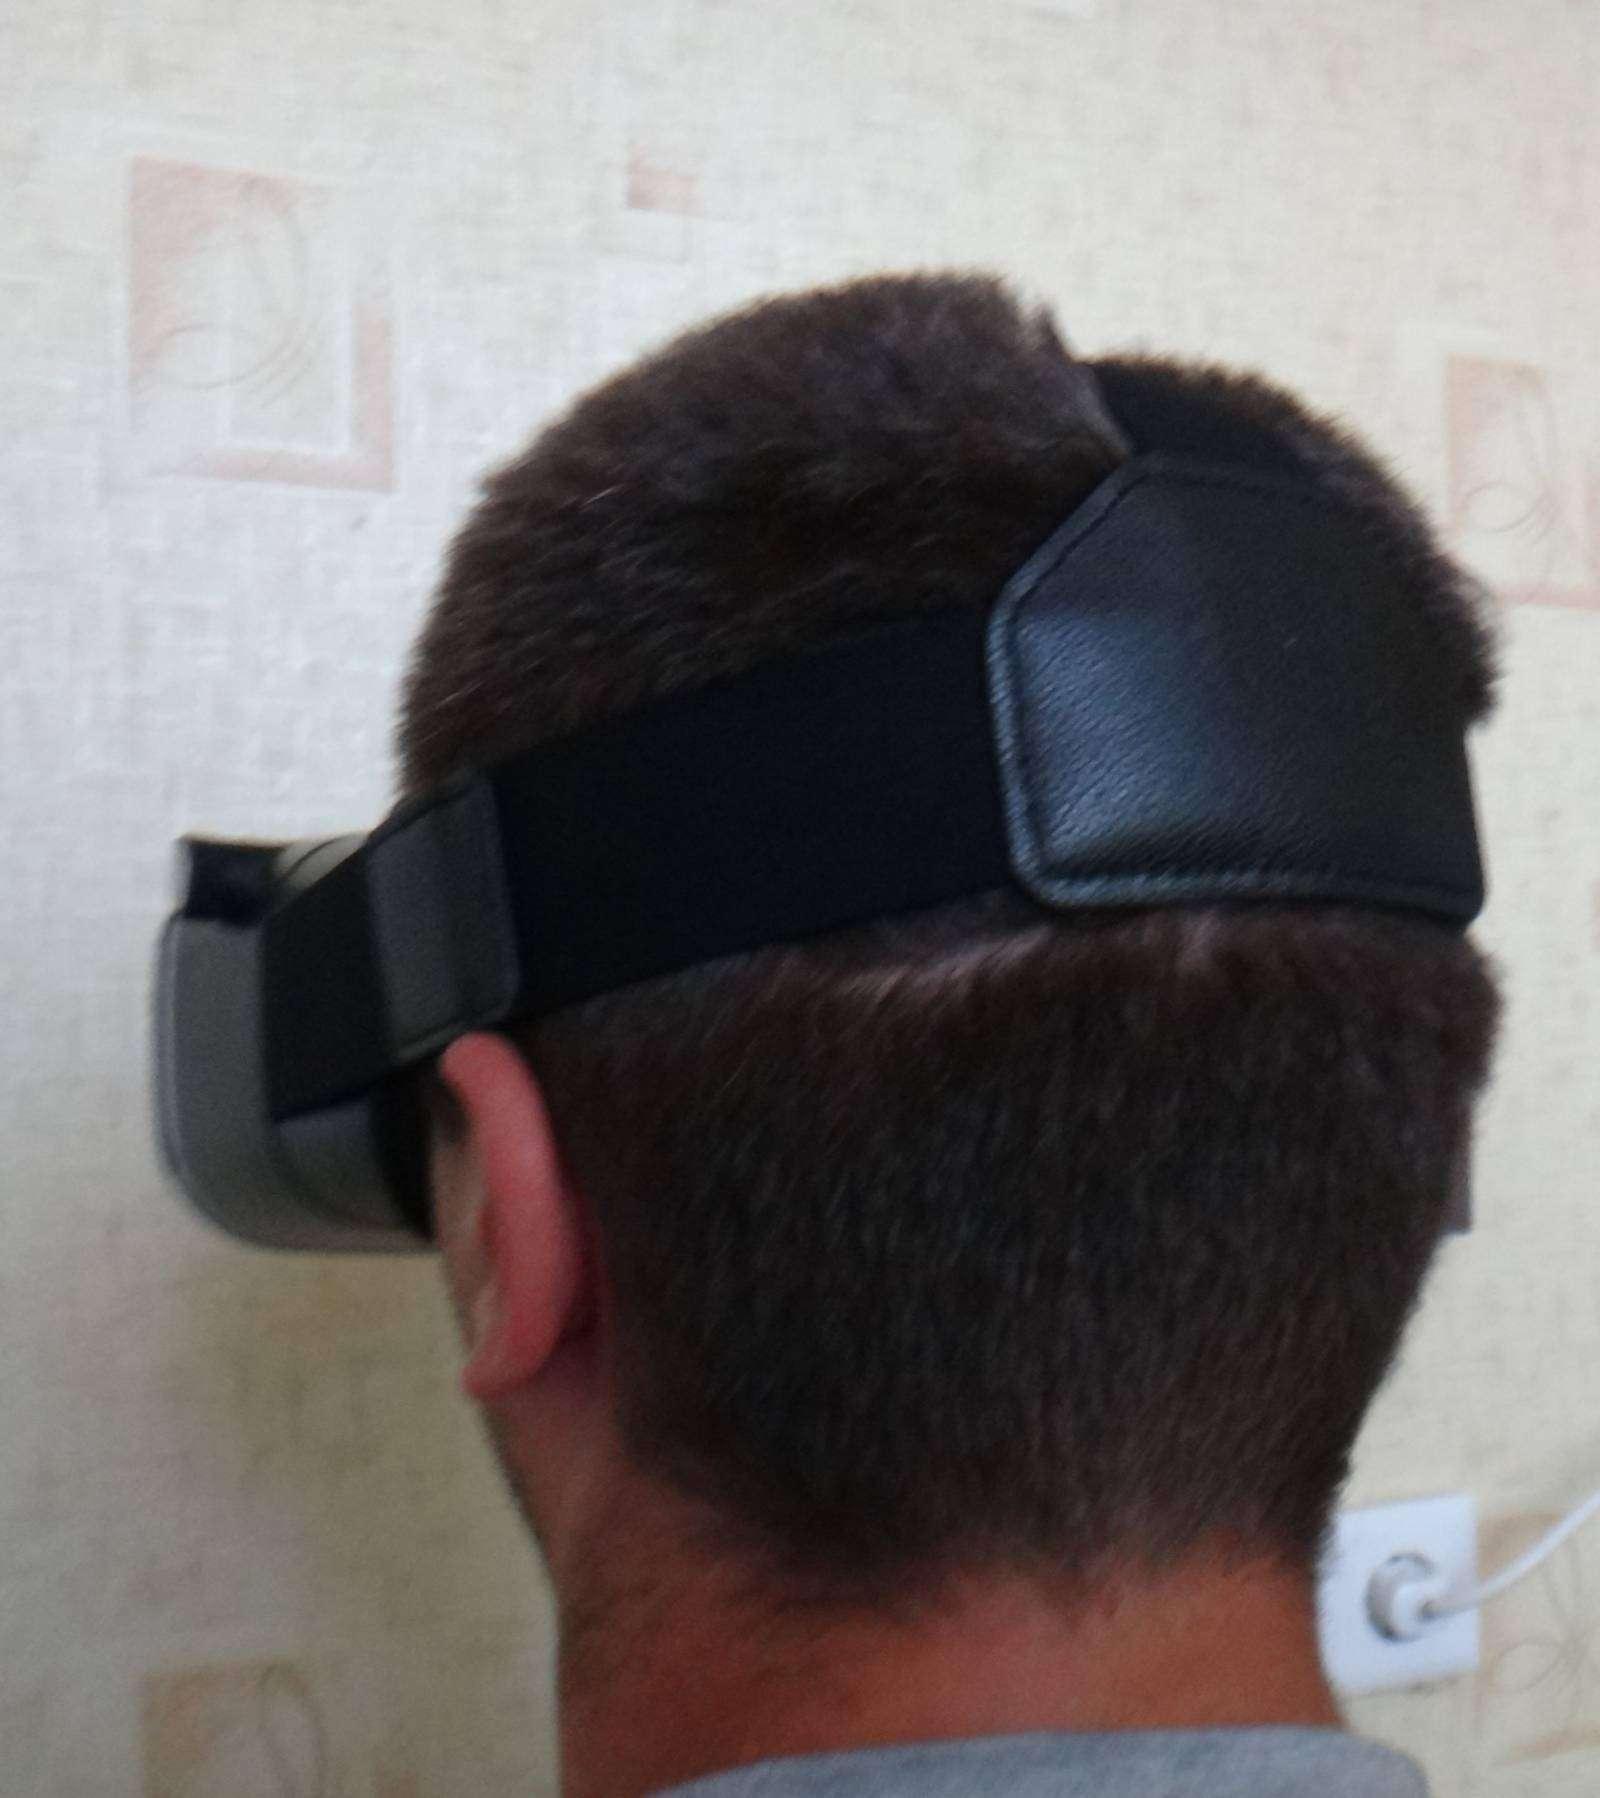 EverBuying: Обзор VR SHINECON 3D очки виртуальной реальности - домашний кинозал